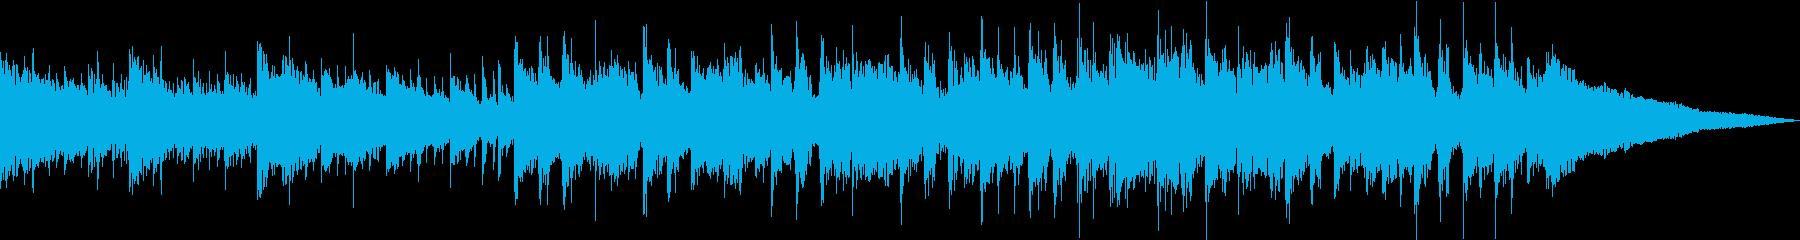 Auspicious Day 30秒の再生済みの波形